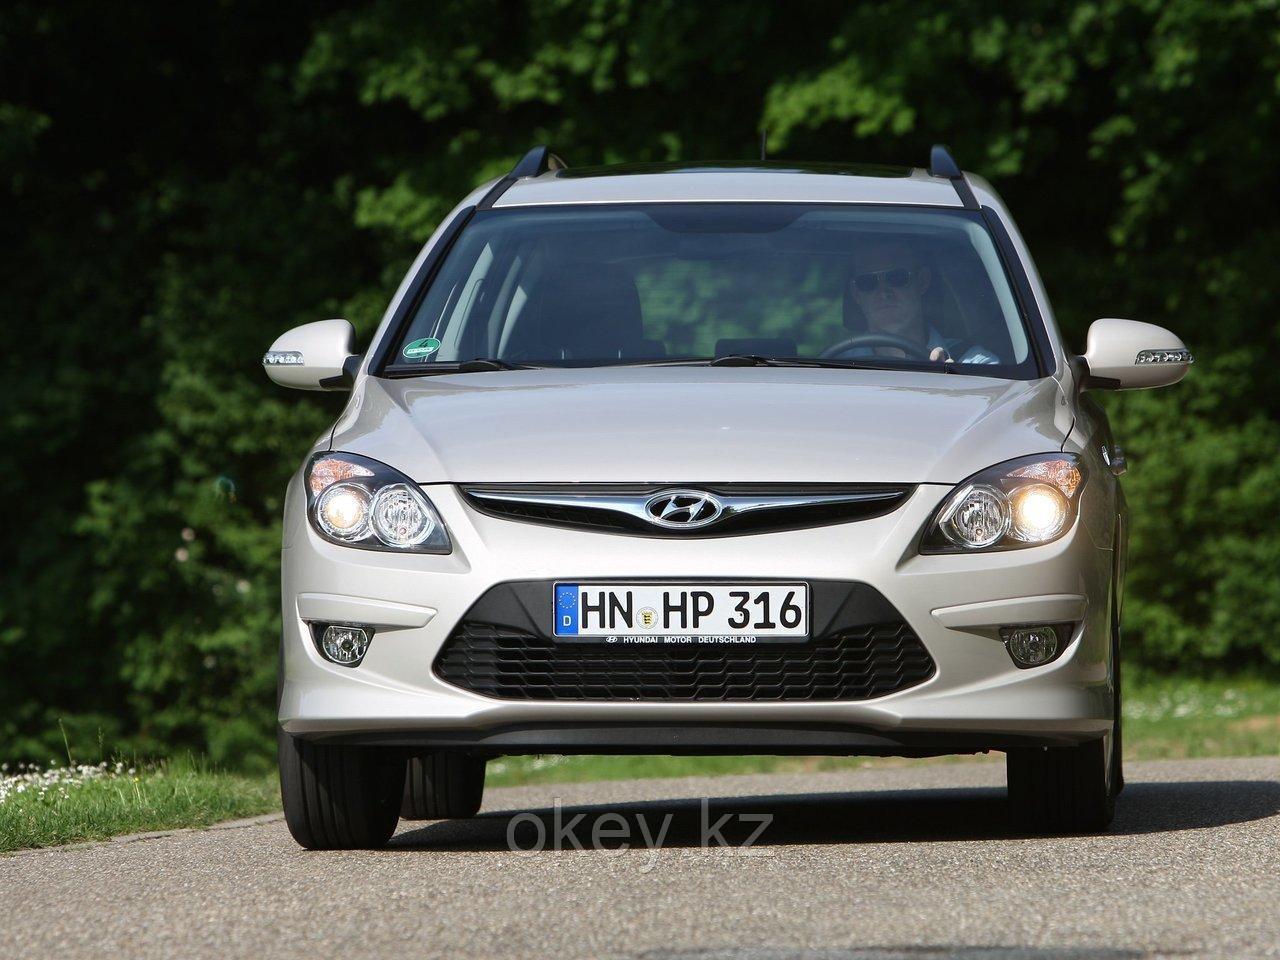 Тормозные колодки Kötl 3474KT для Hyundai I30 CW I универсал (FD) 1.4, 2009-2012 года выпуска.